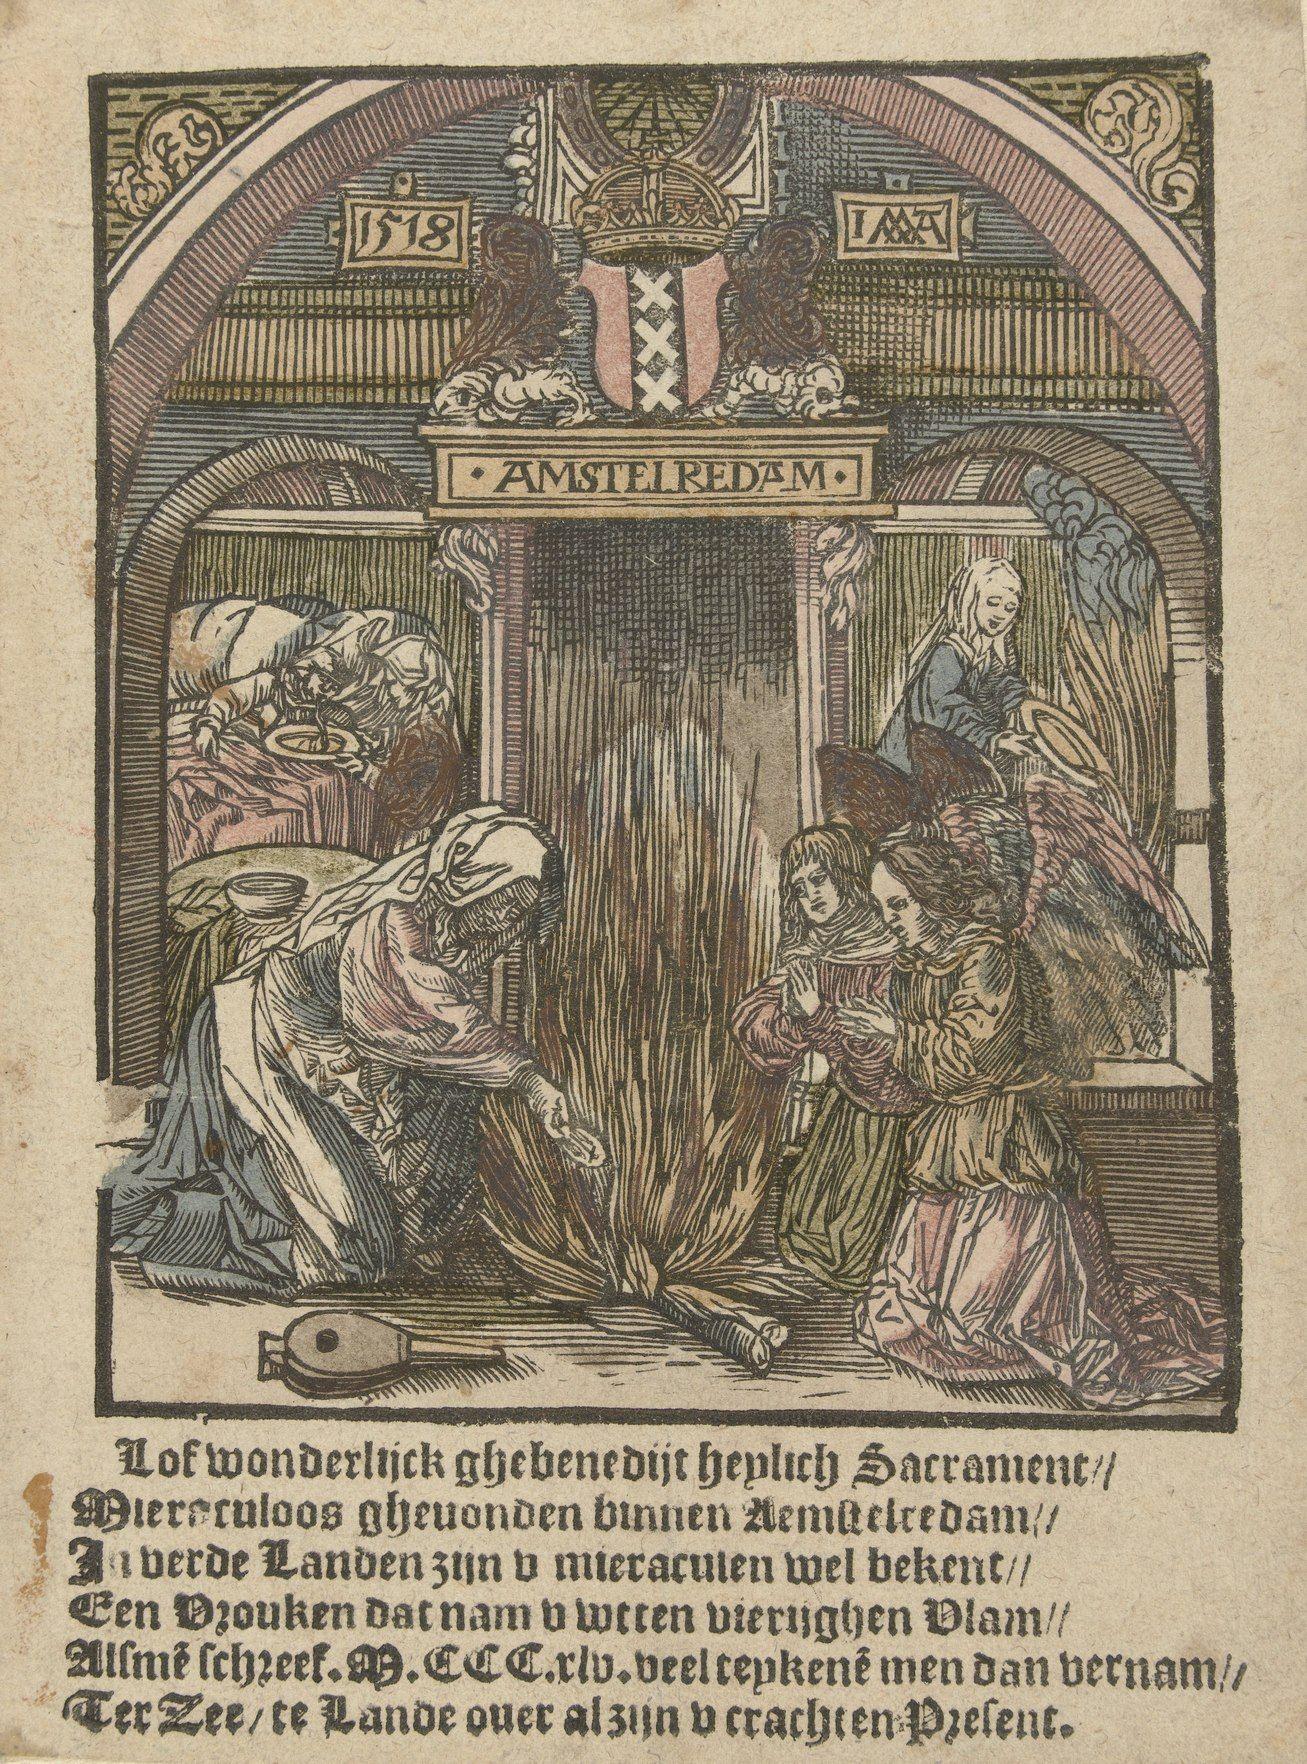 Het hostiewonder van Amsterdam; ingekleurde houtsnede door Jacob Cornelisz. van Oostsanen, 1518. Collectie Rijksmuseum, Amsterdam.